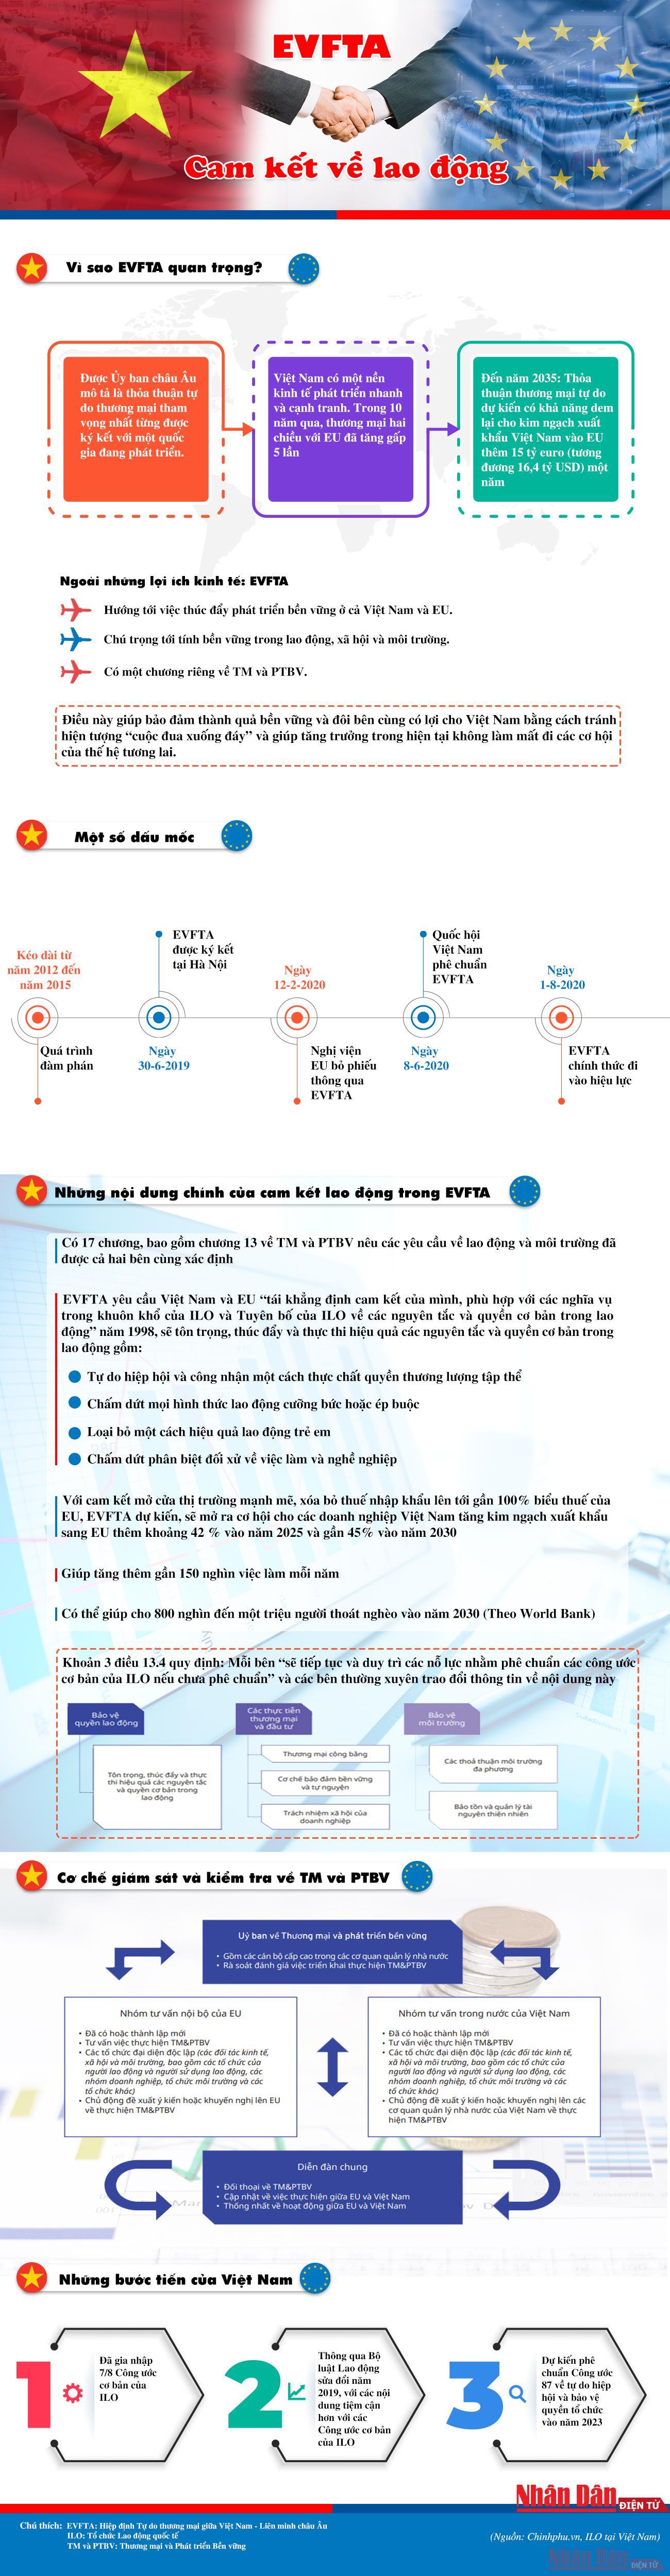 [Infographic] Cam kết về lao động trong EVFTA -0